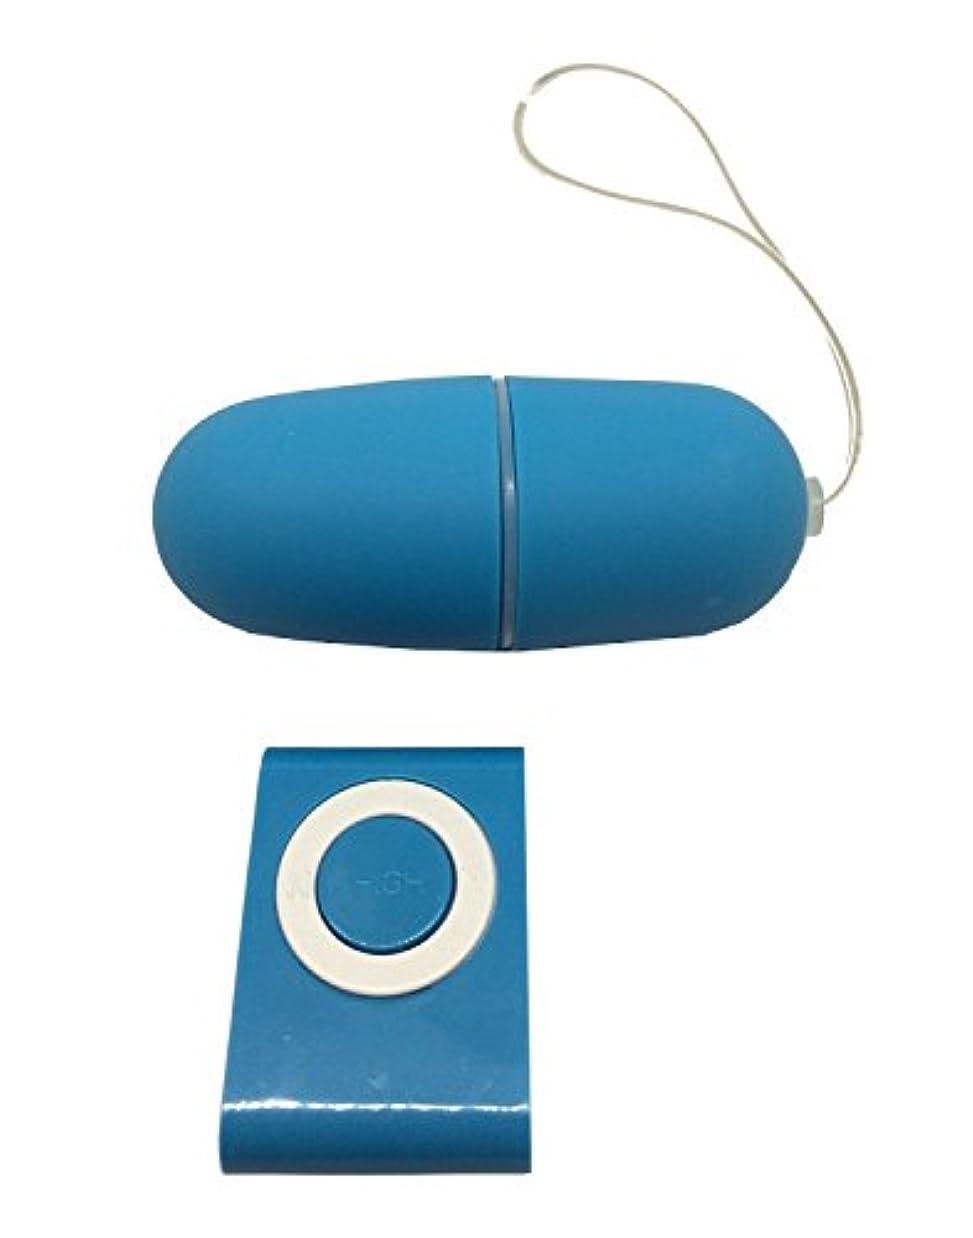 情報選択する溶かす【Ronsen 】リモコン マッサージ ピンク ローター 可愛い 小型 電動 ハンディ マッサージ コードレス 防水 ipod 型 遠隔操作 リモコンワイヤレス (ブルー)